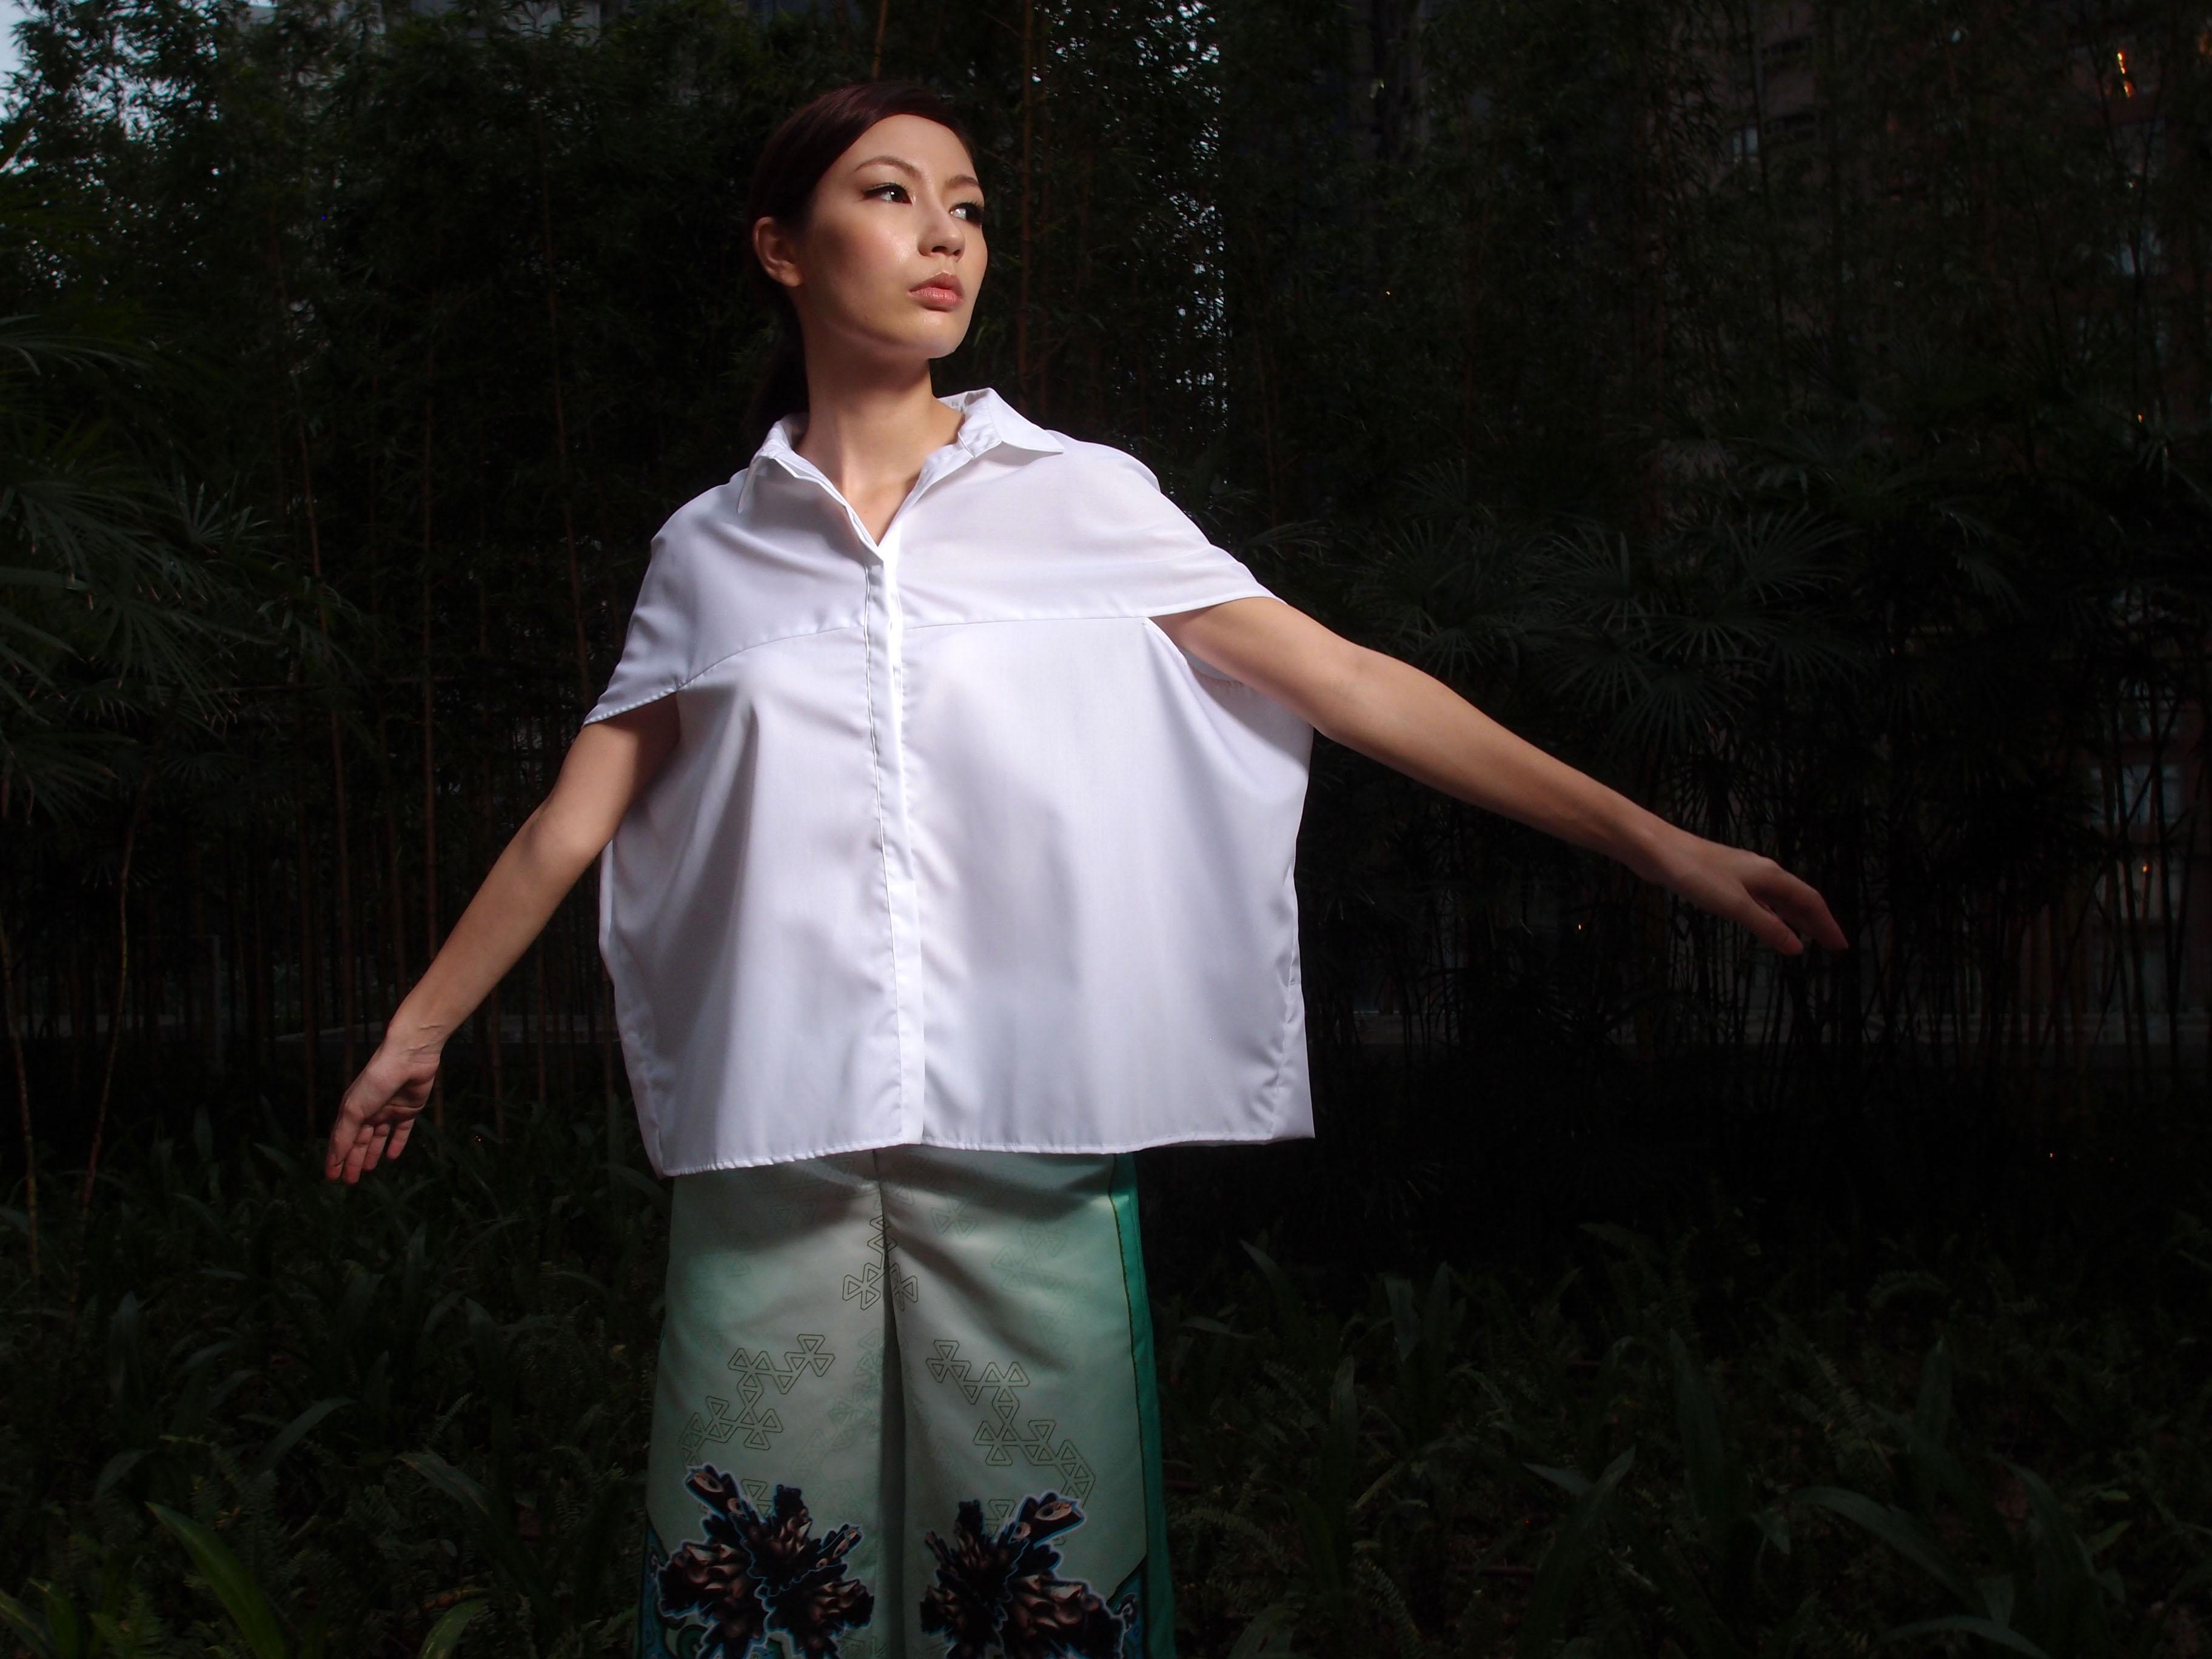 SS14 Womenswear - Look2